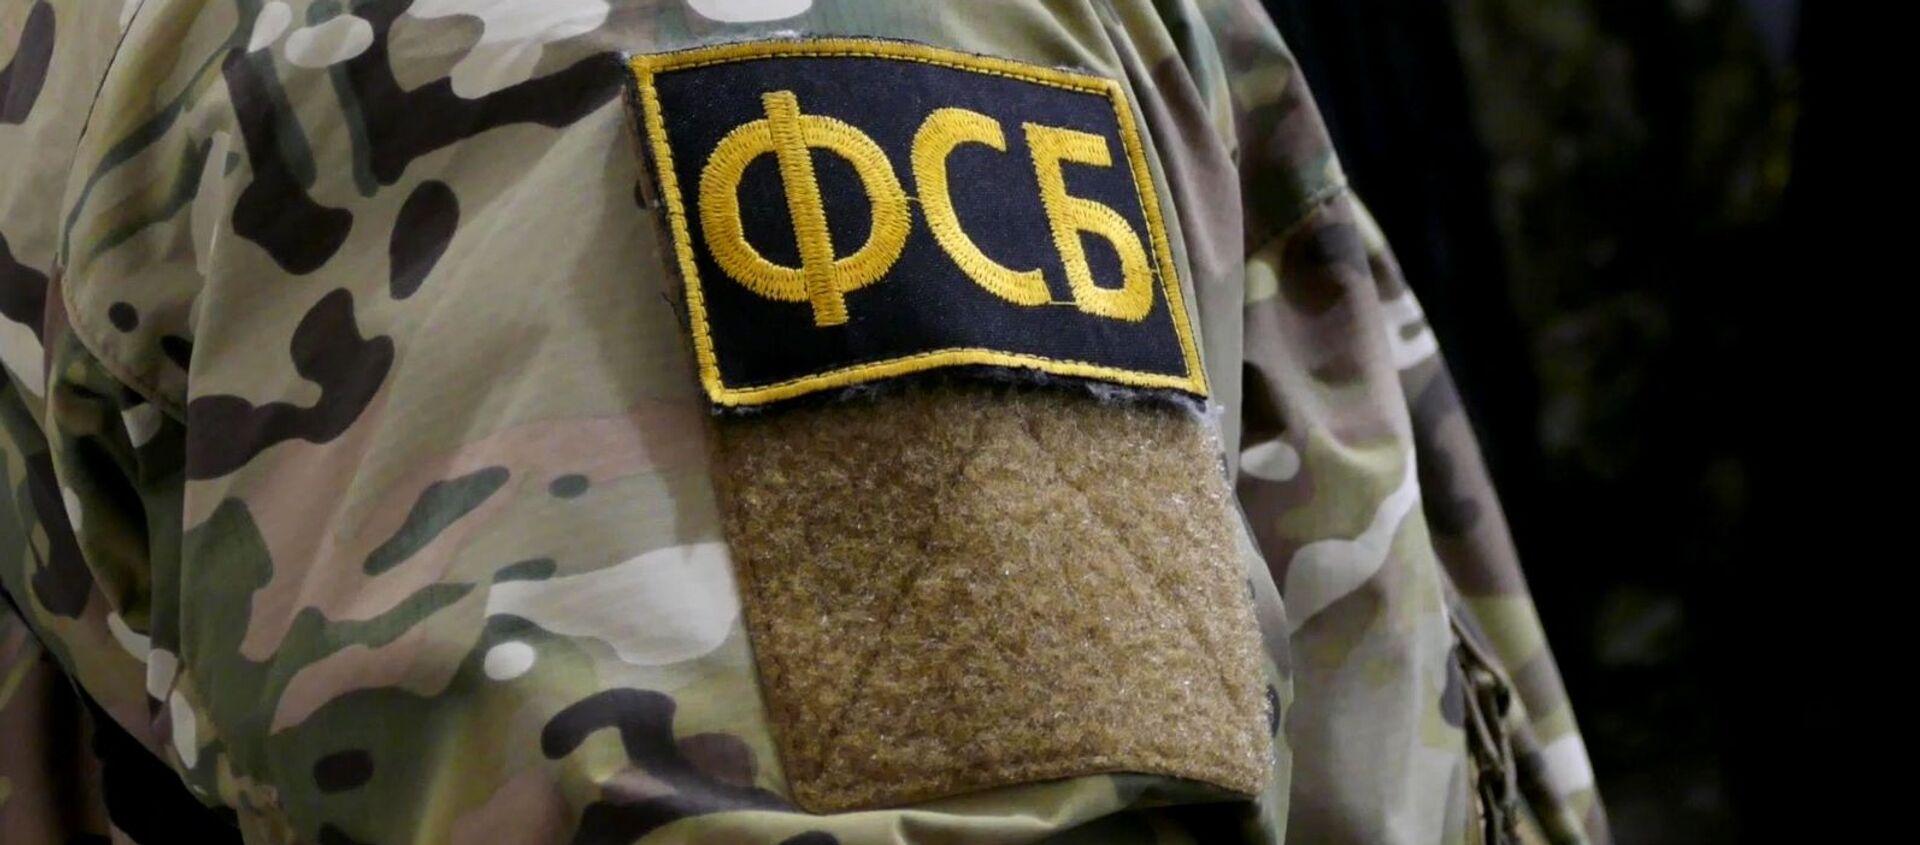 FSB của Nga. - Sputnik Việt Nam, 1920, 05.07.2021